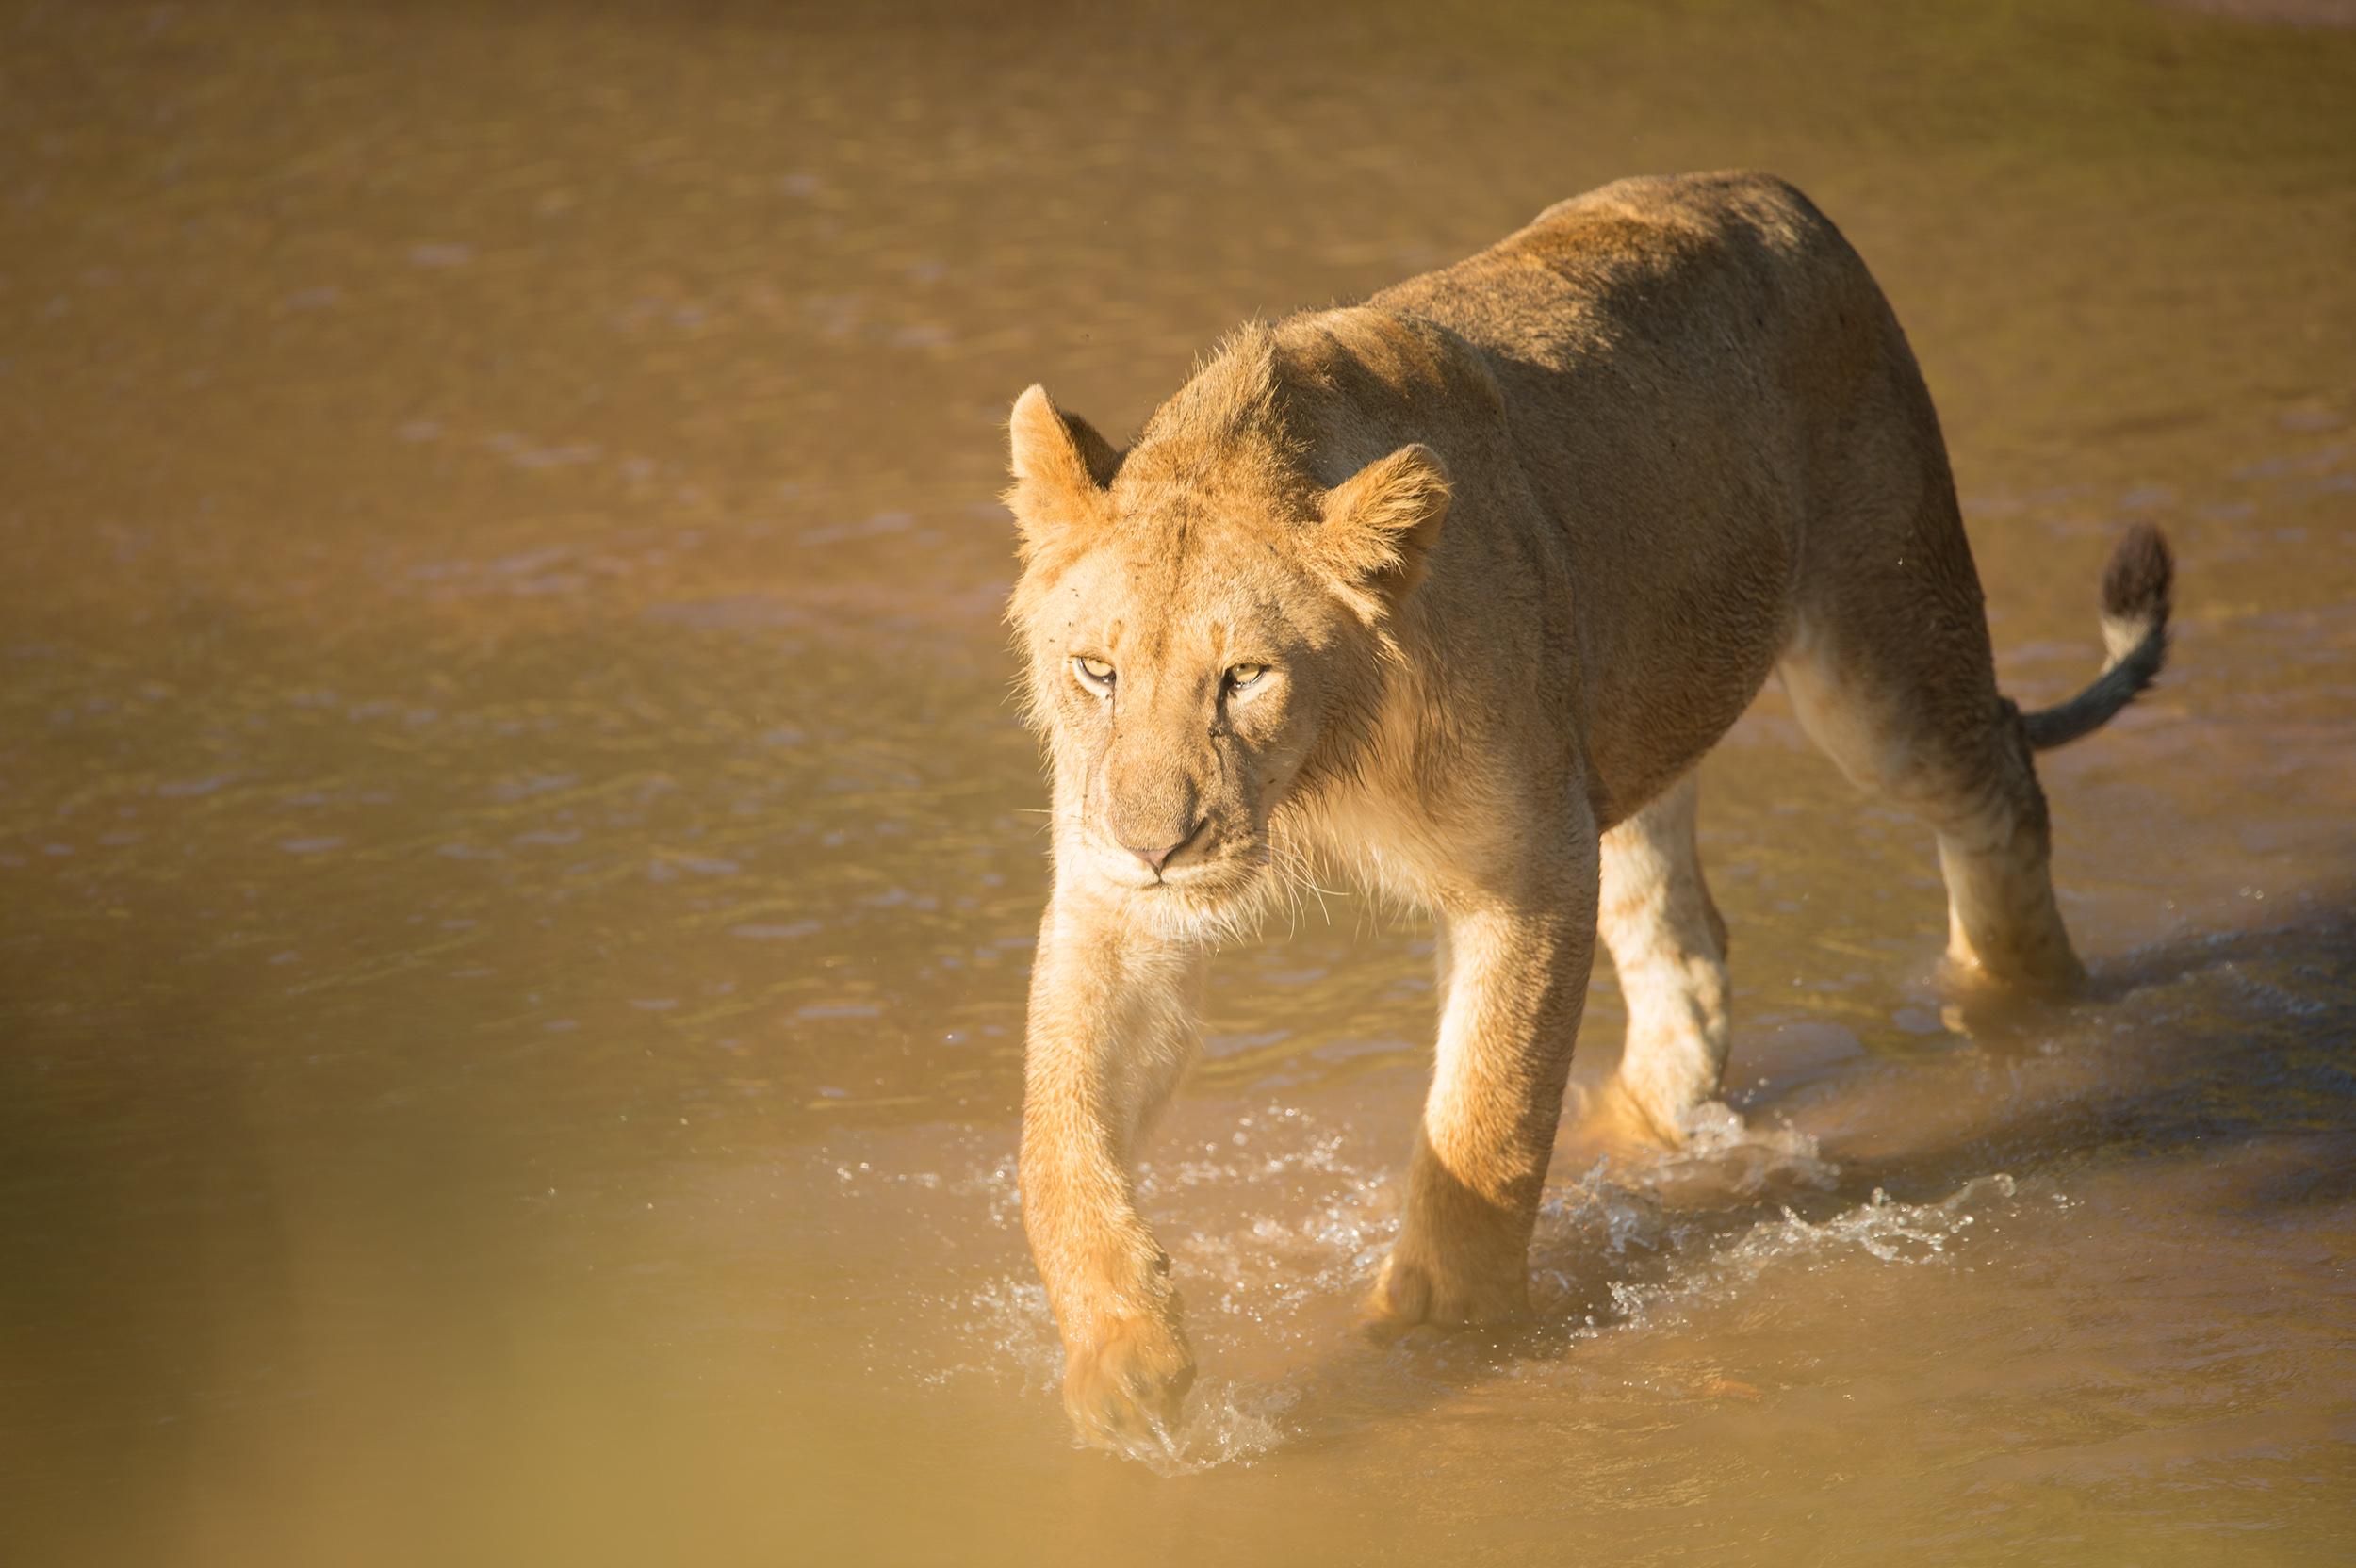 Löwin im Fluß